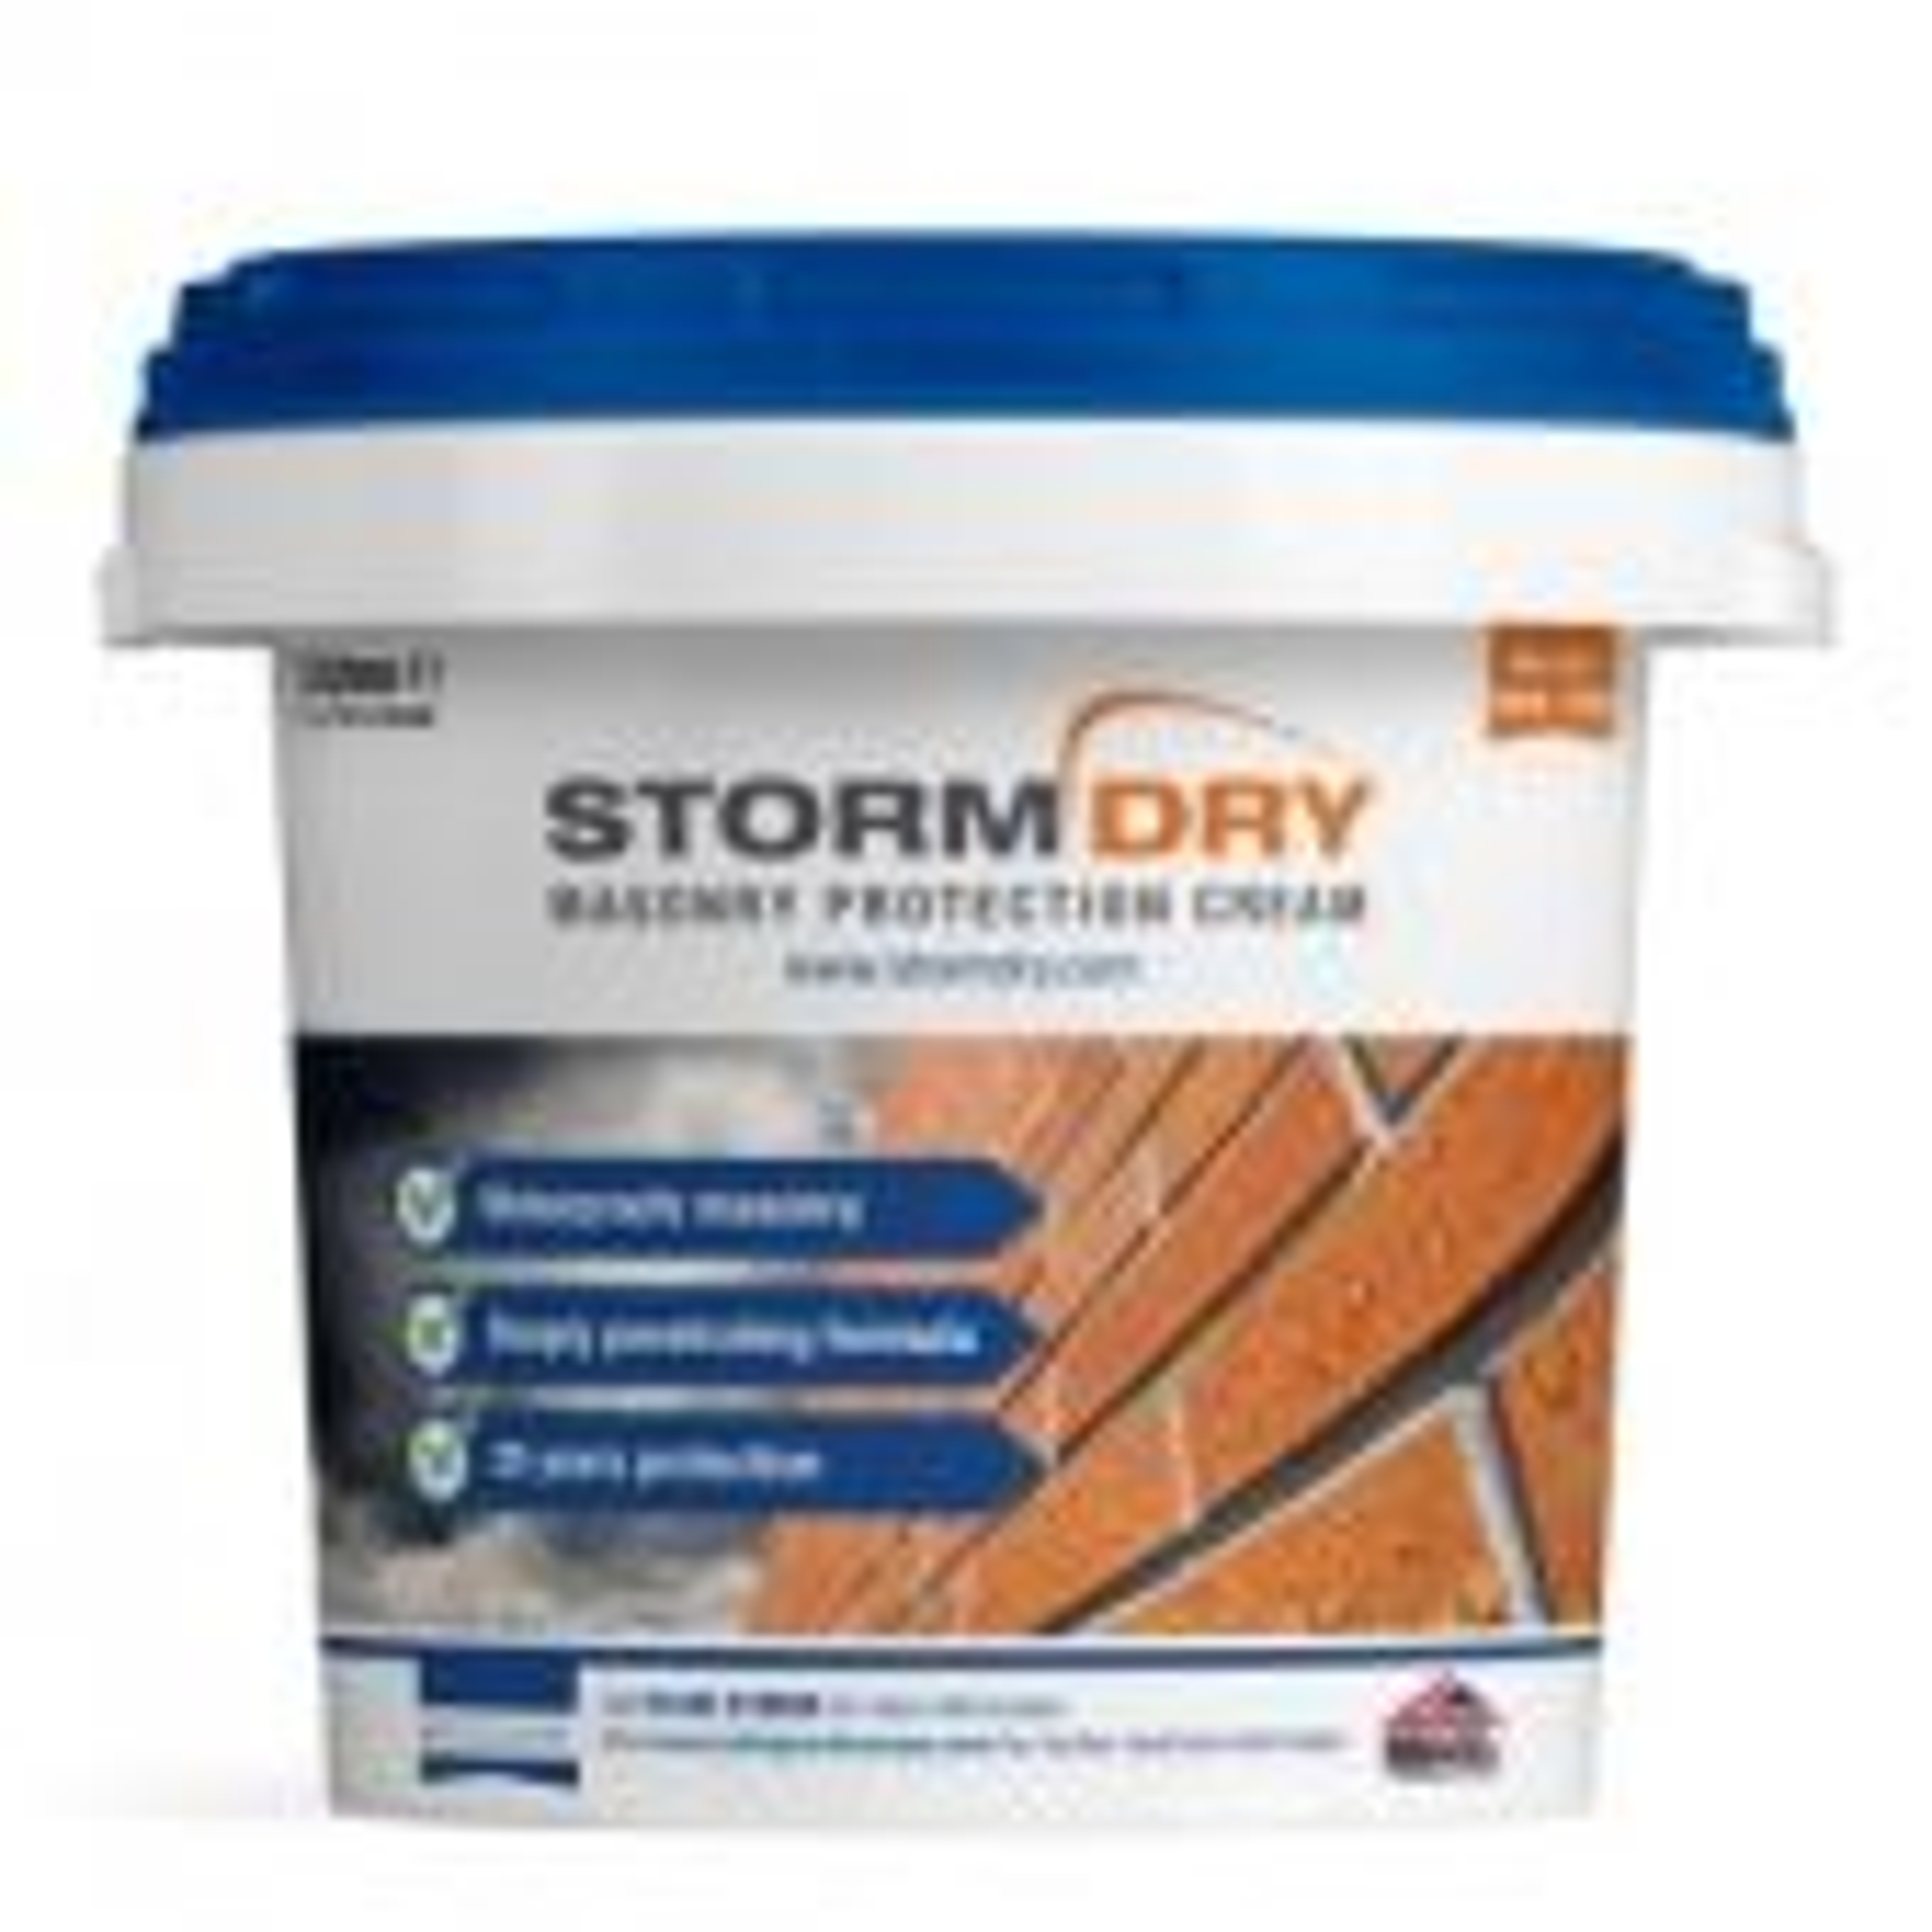 3 litre stormdry masonary protection cream